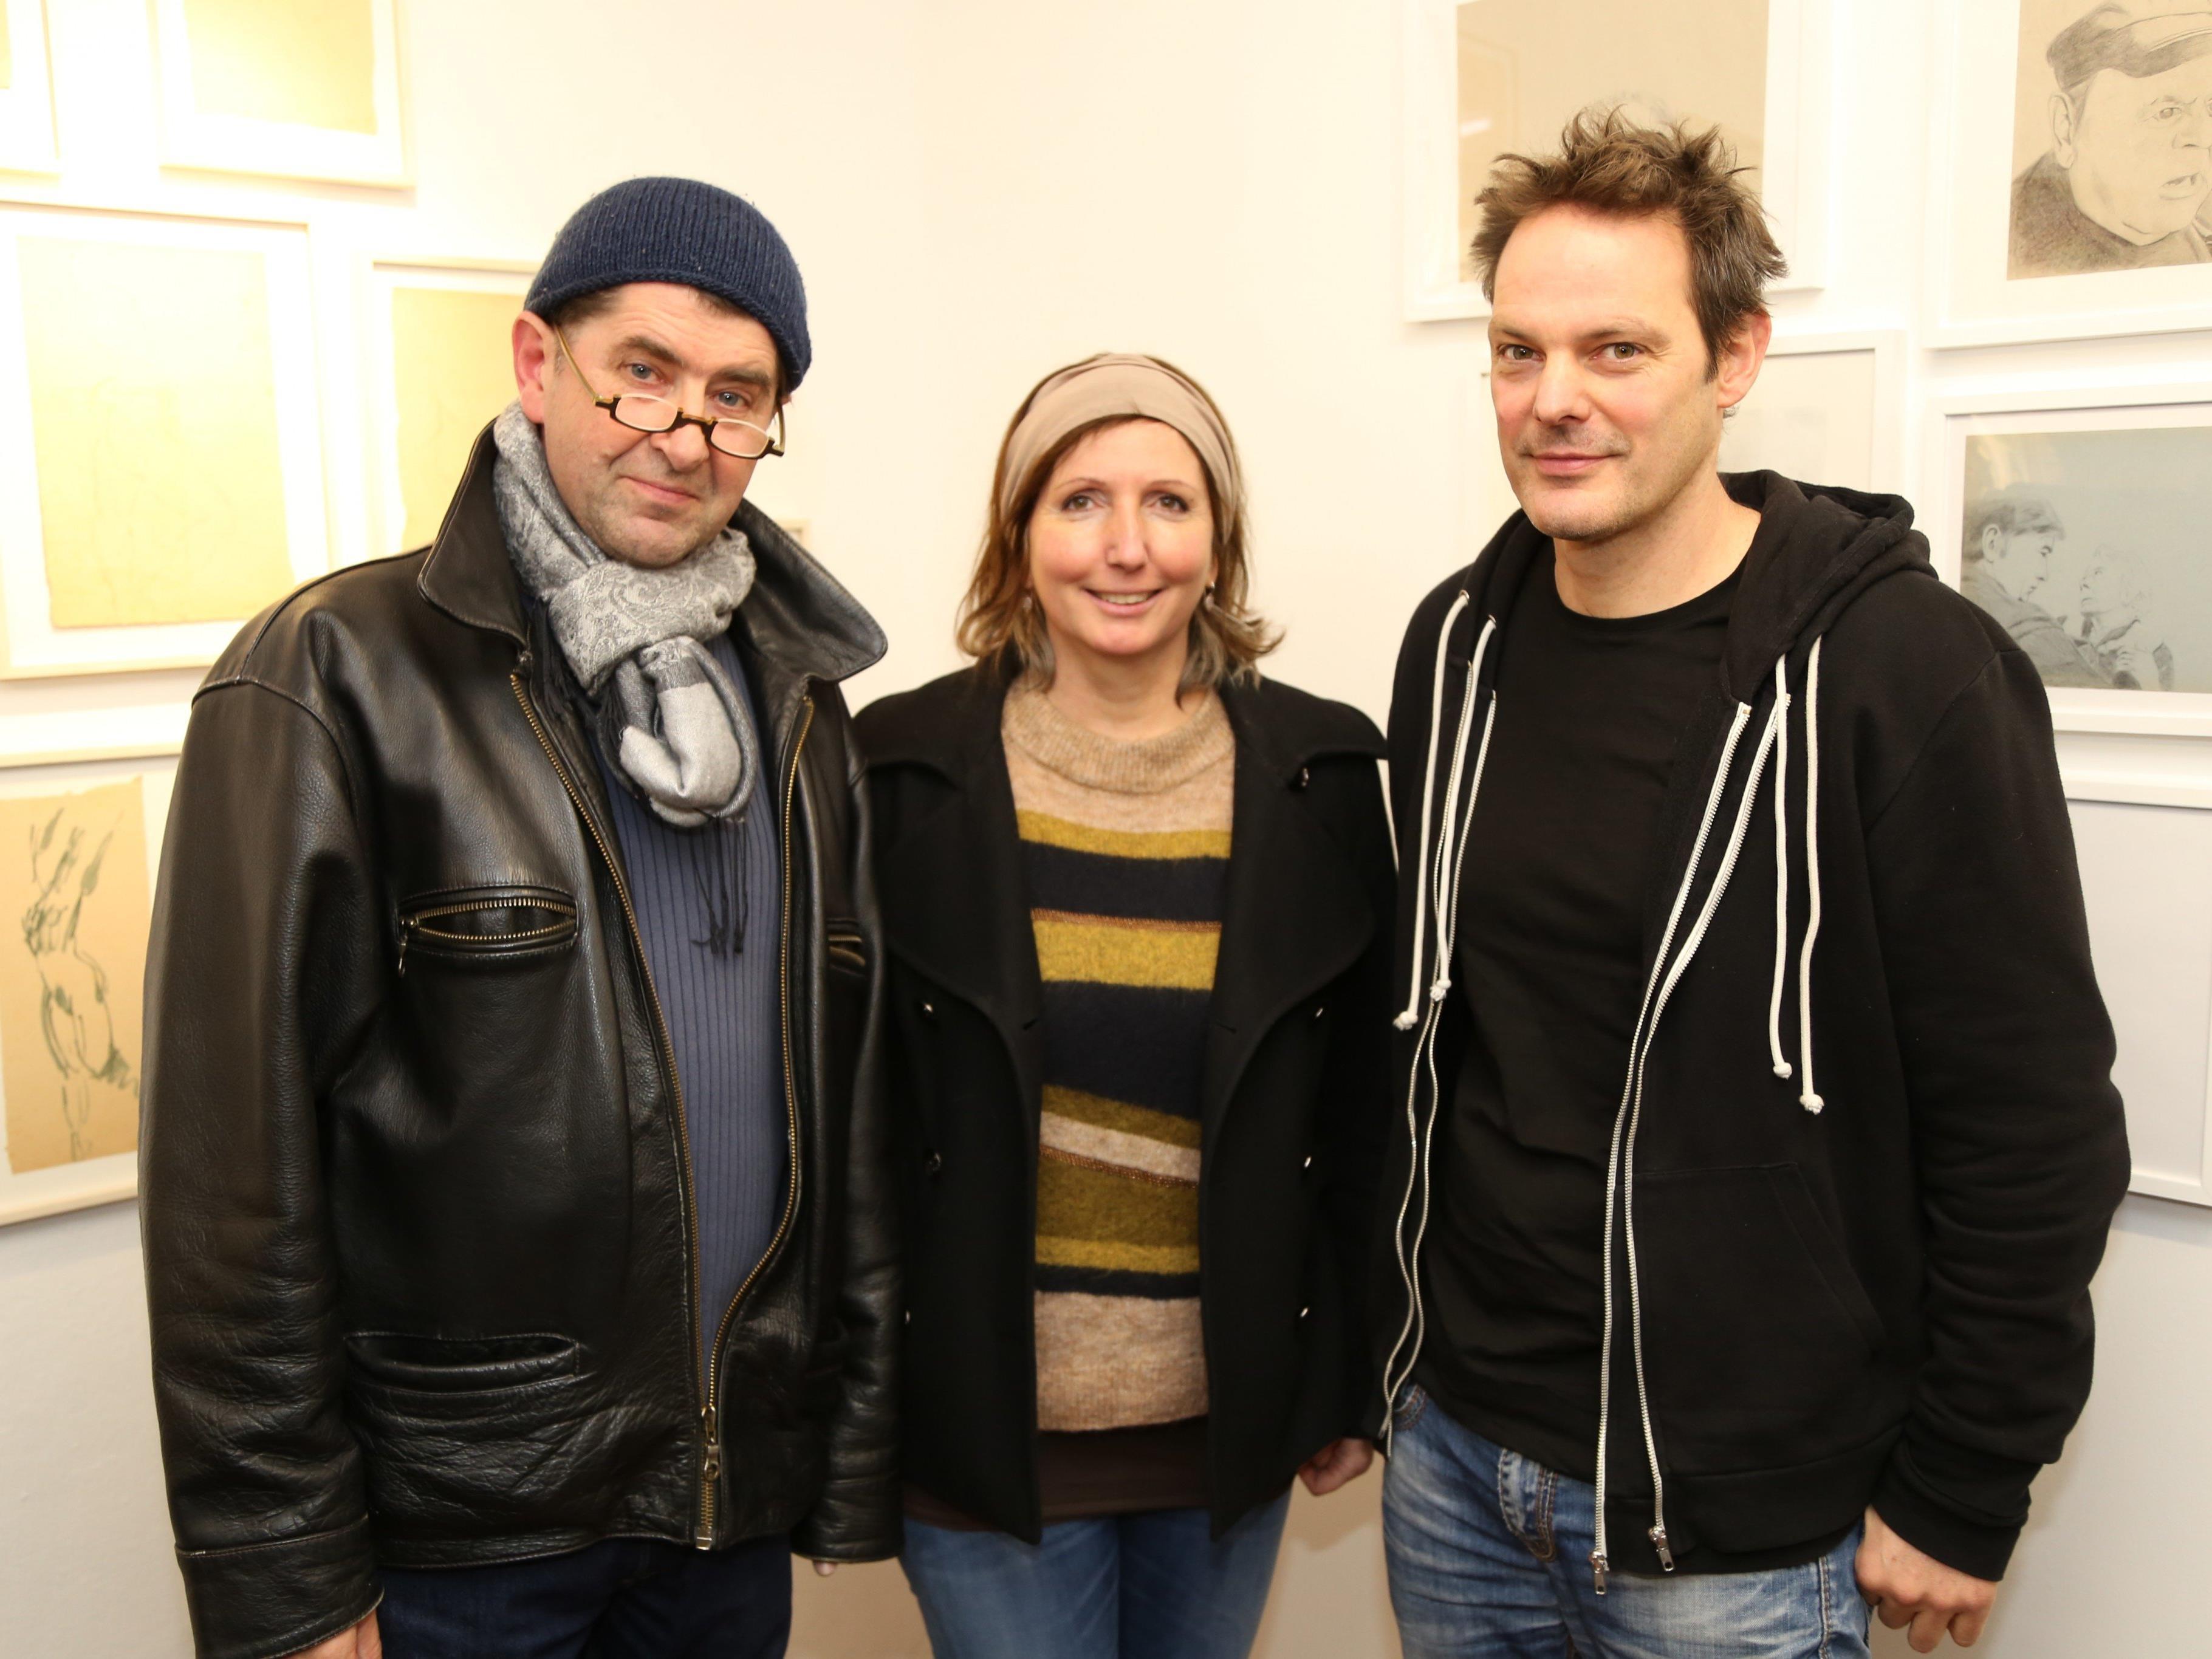 Künstler und Kurator Harald Gfader stellte unter anderem gemeinsam mit Christine Lingg und Peter Wehinger aus.